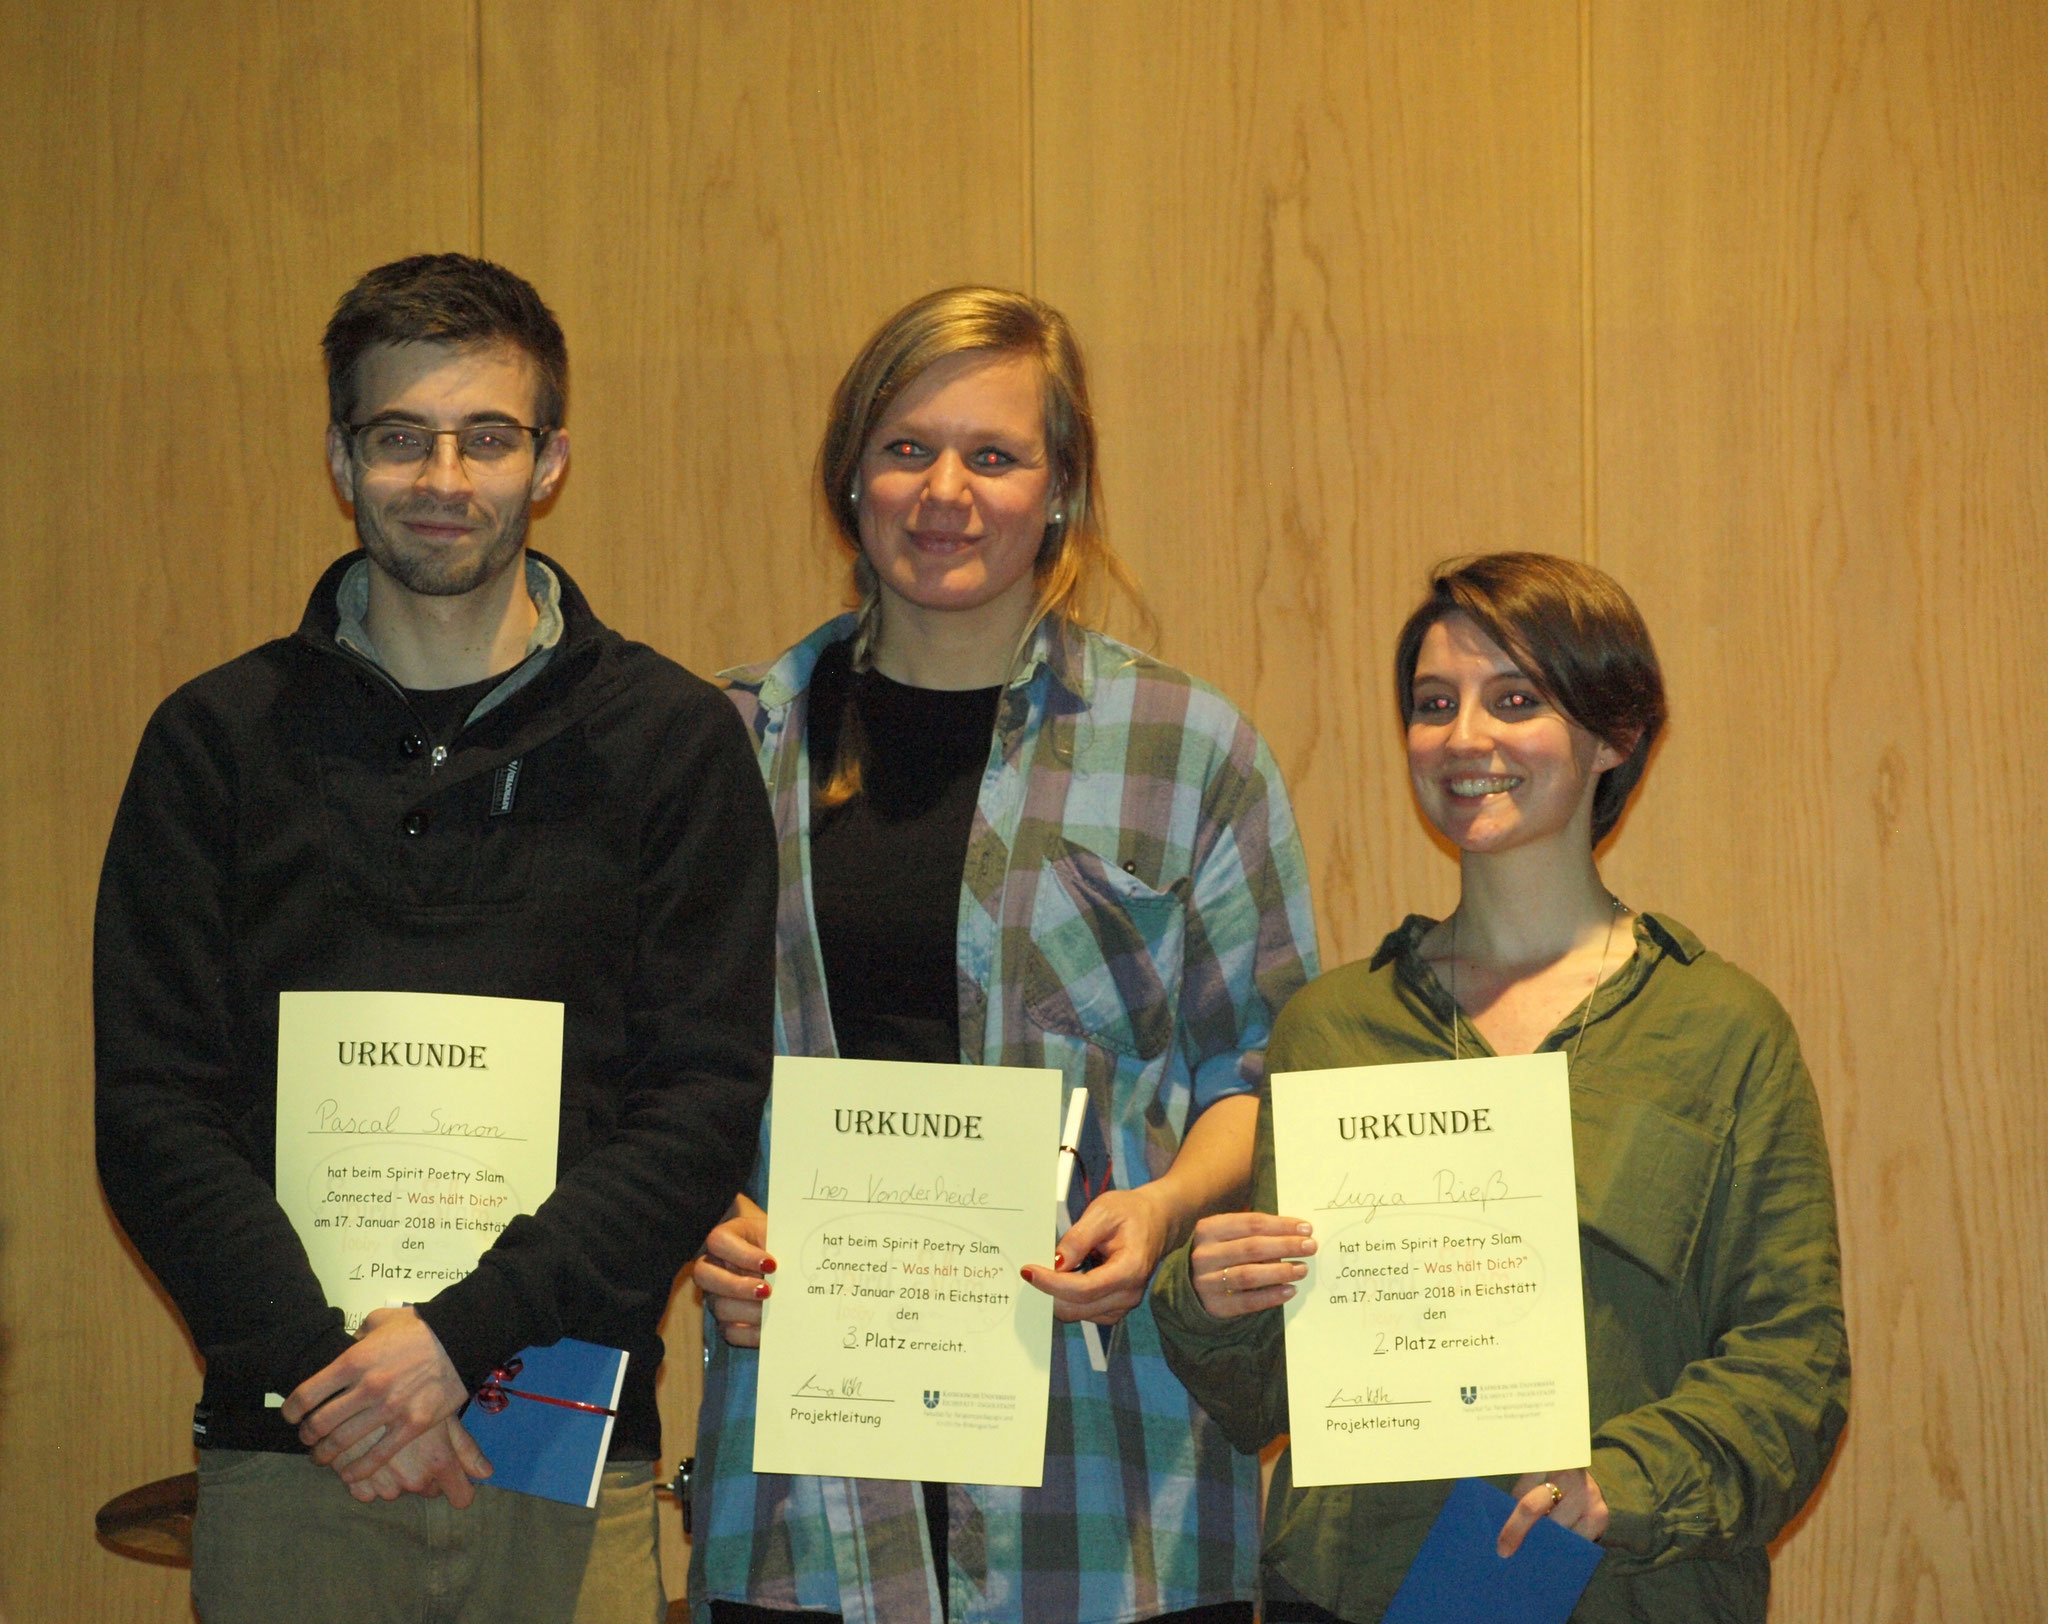 Die Sieger*innen des Spirit Poetry Slams 2018 Pascal Simon mit Ines Vonderheide und Luzia Rieß.